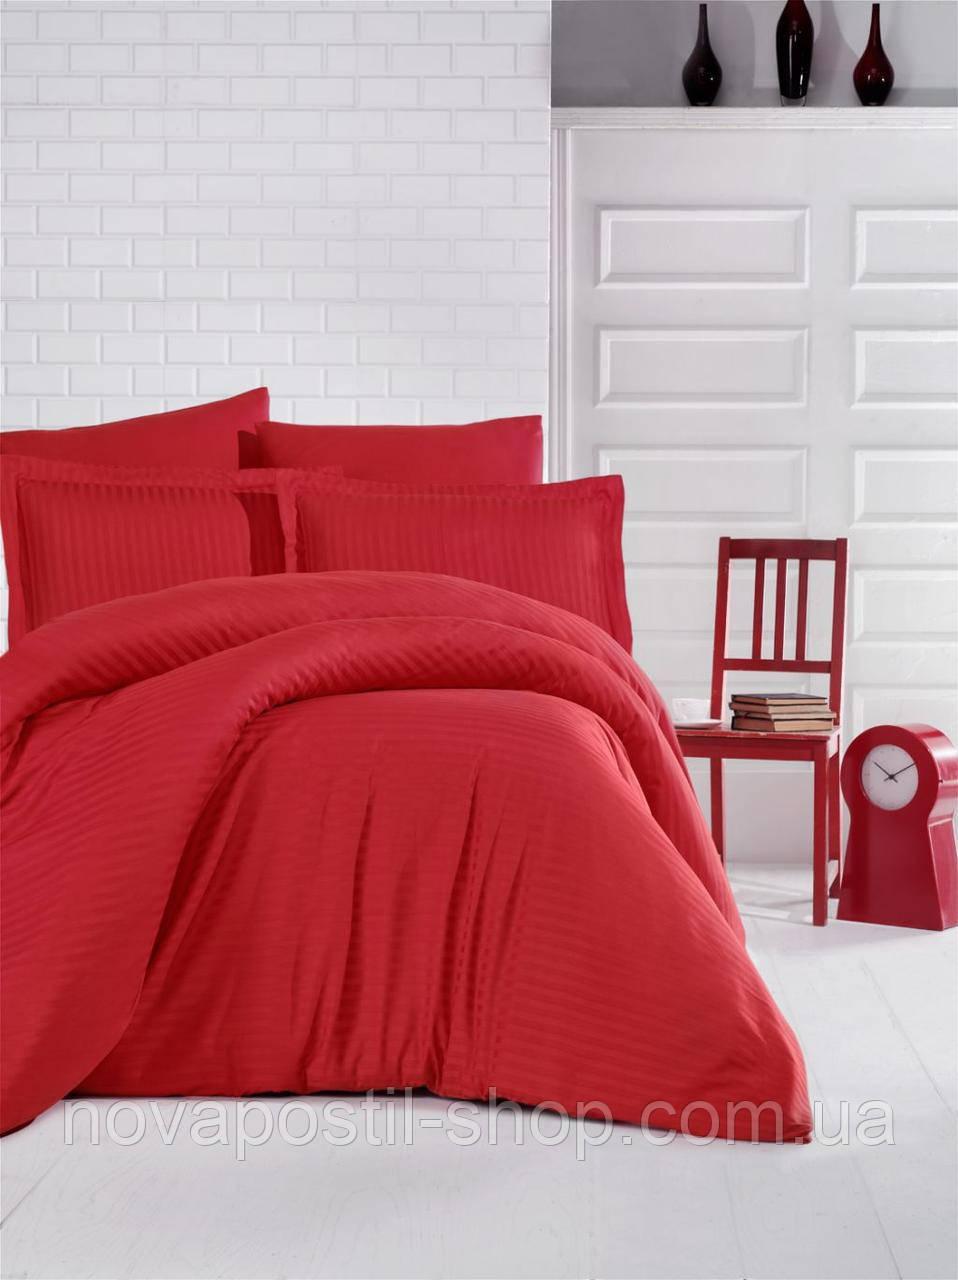 Постельное белье страйп-сатин Red (красный)